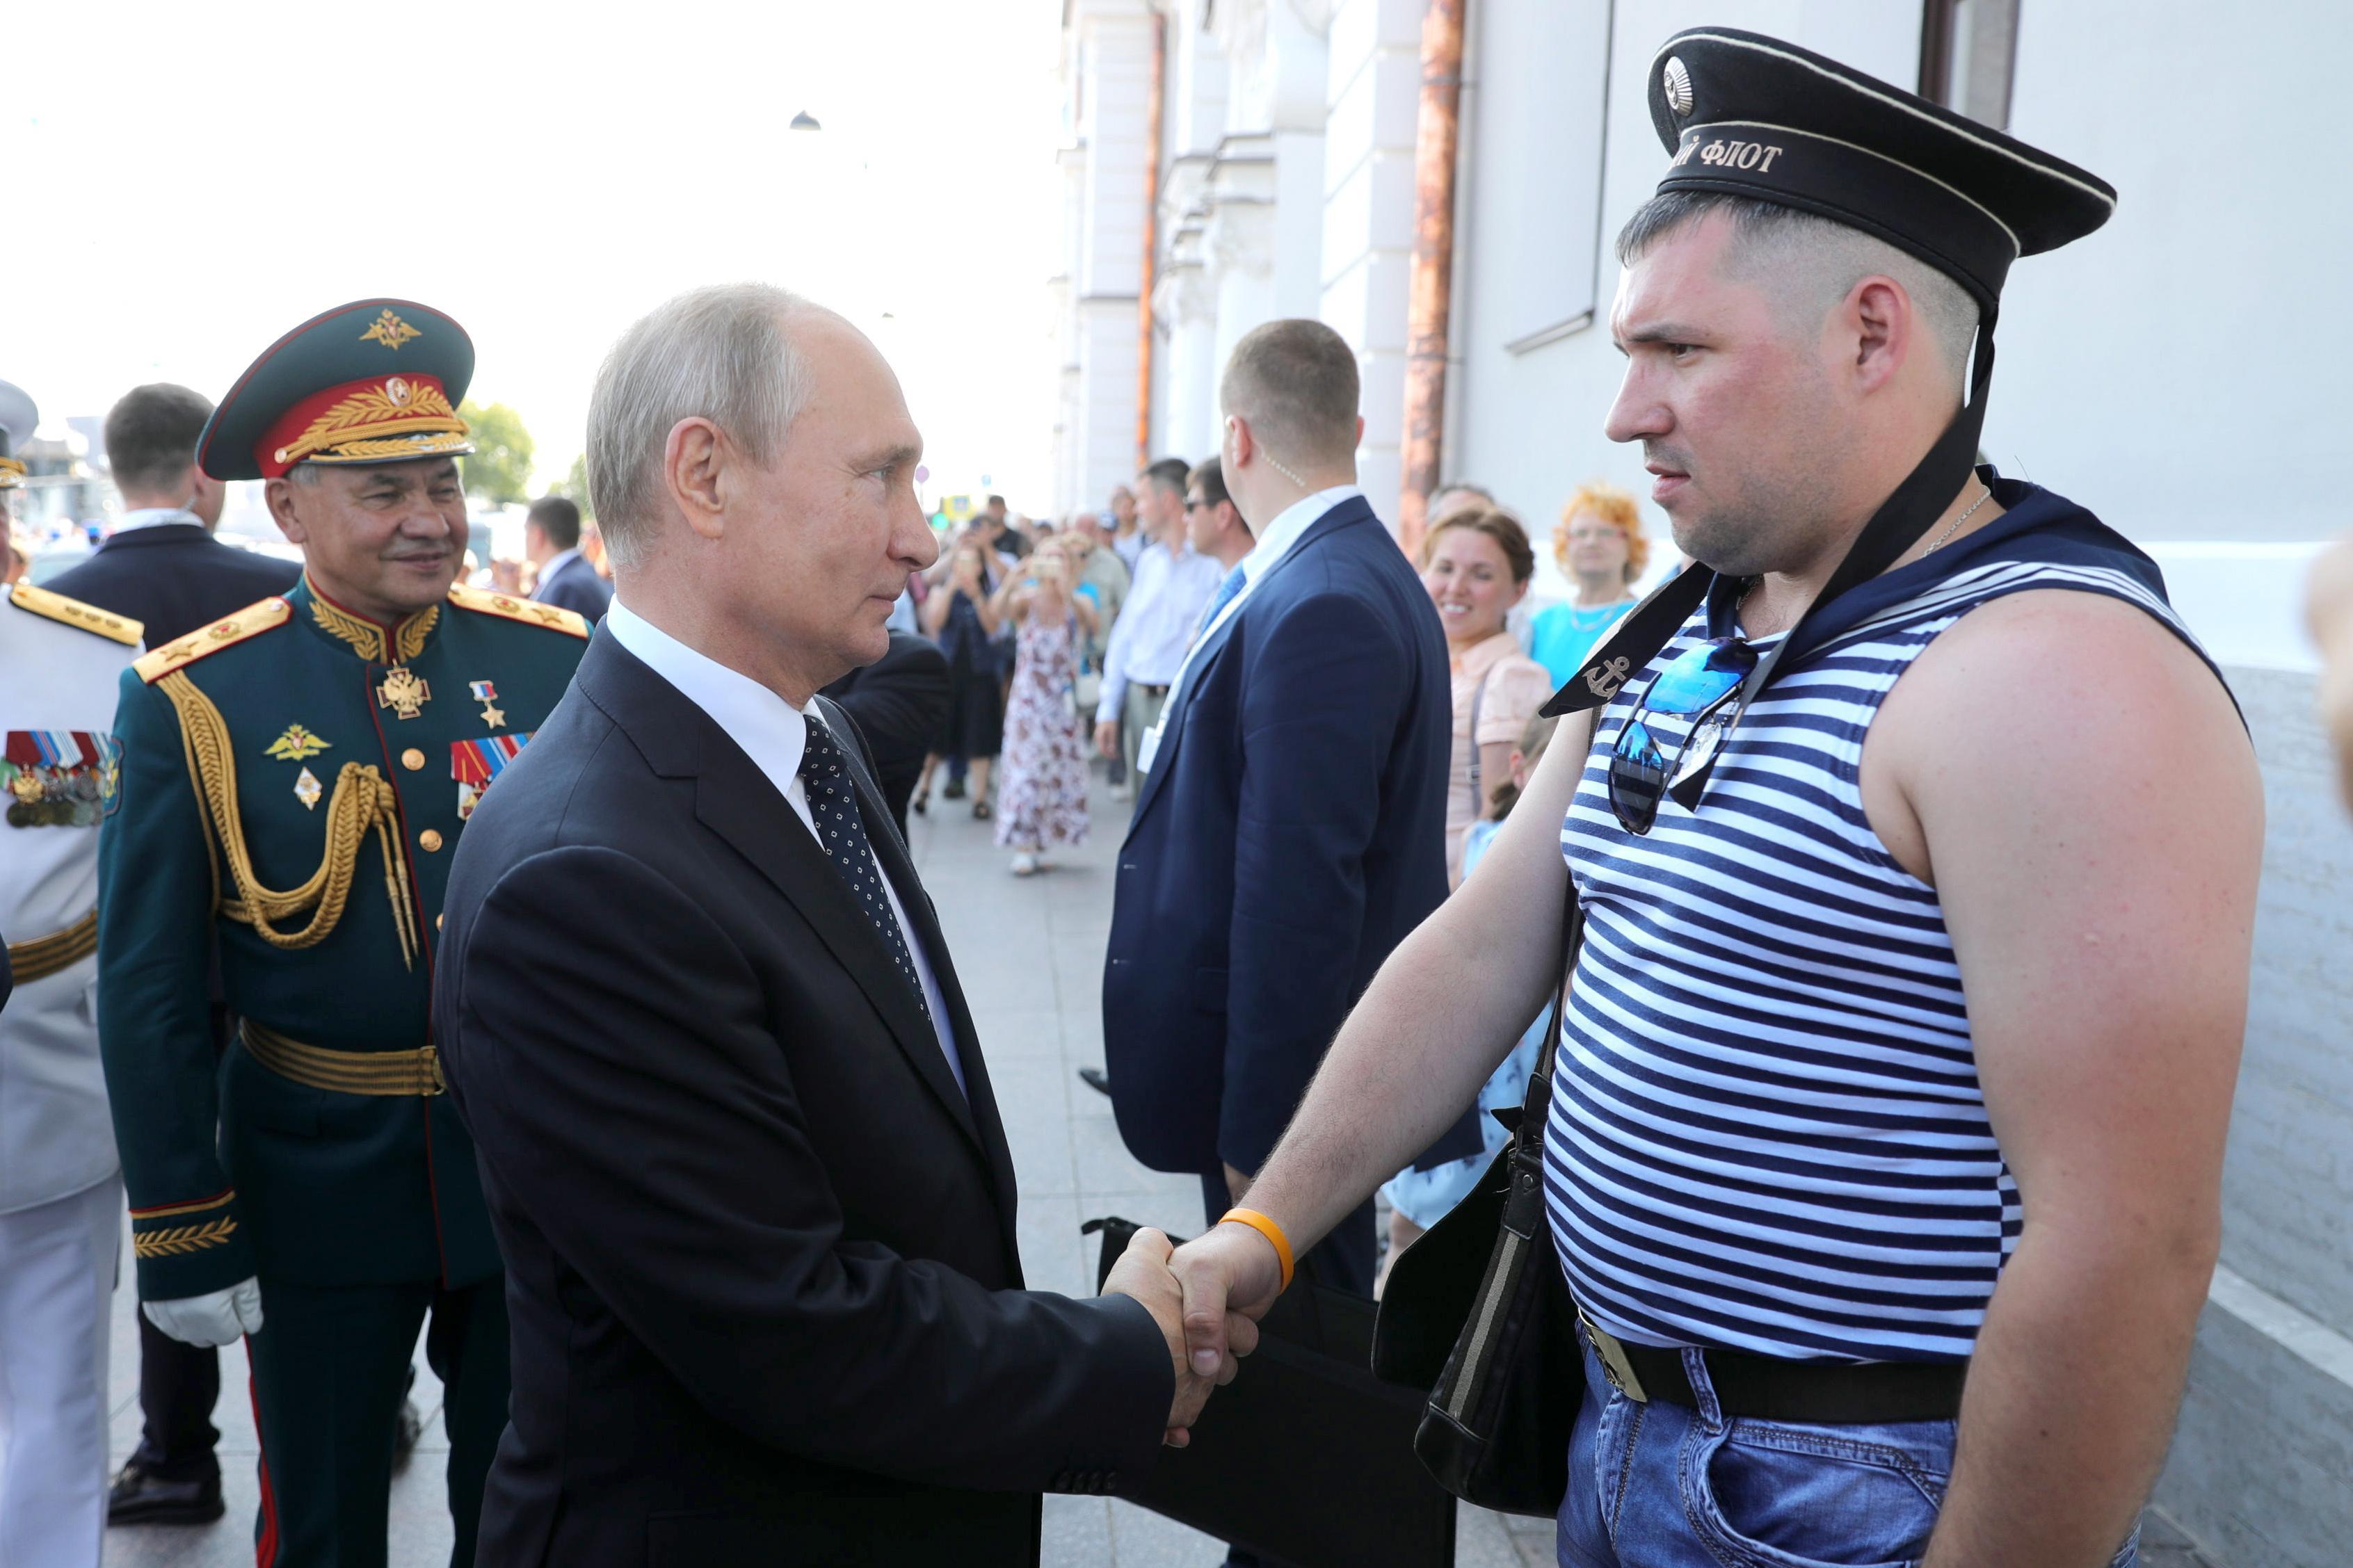 Putin va nuoc Nga thay đổi như thế nào khi ông lên nắm quyền